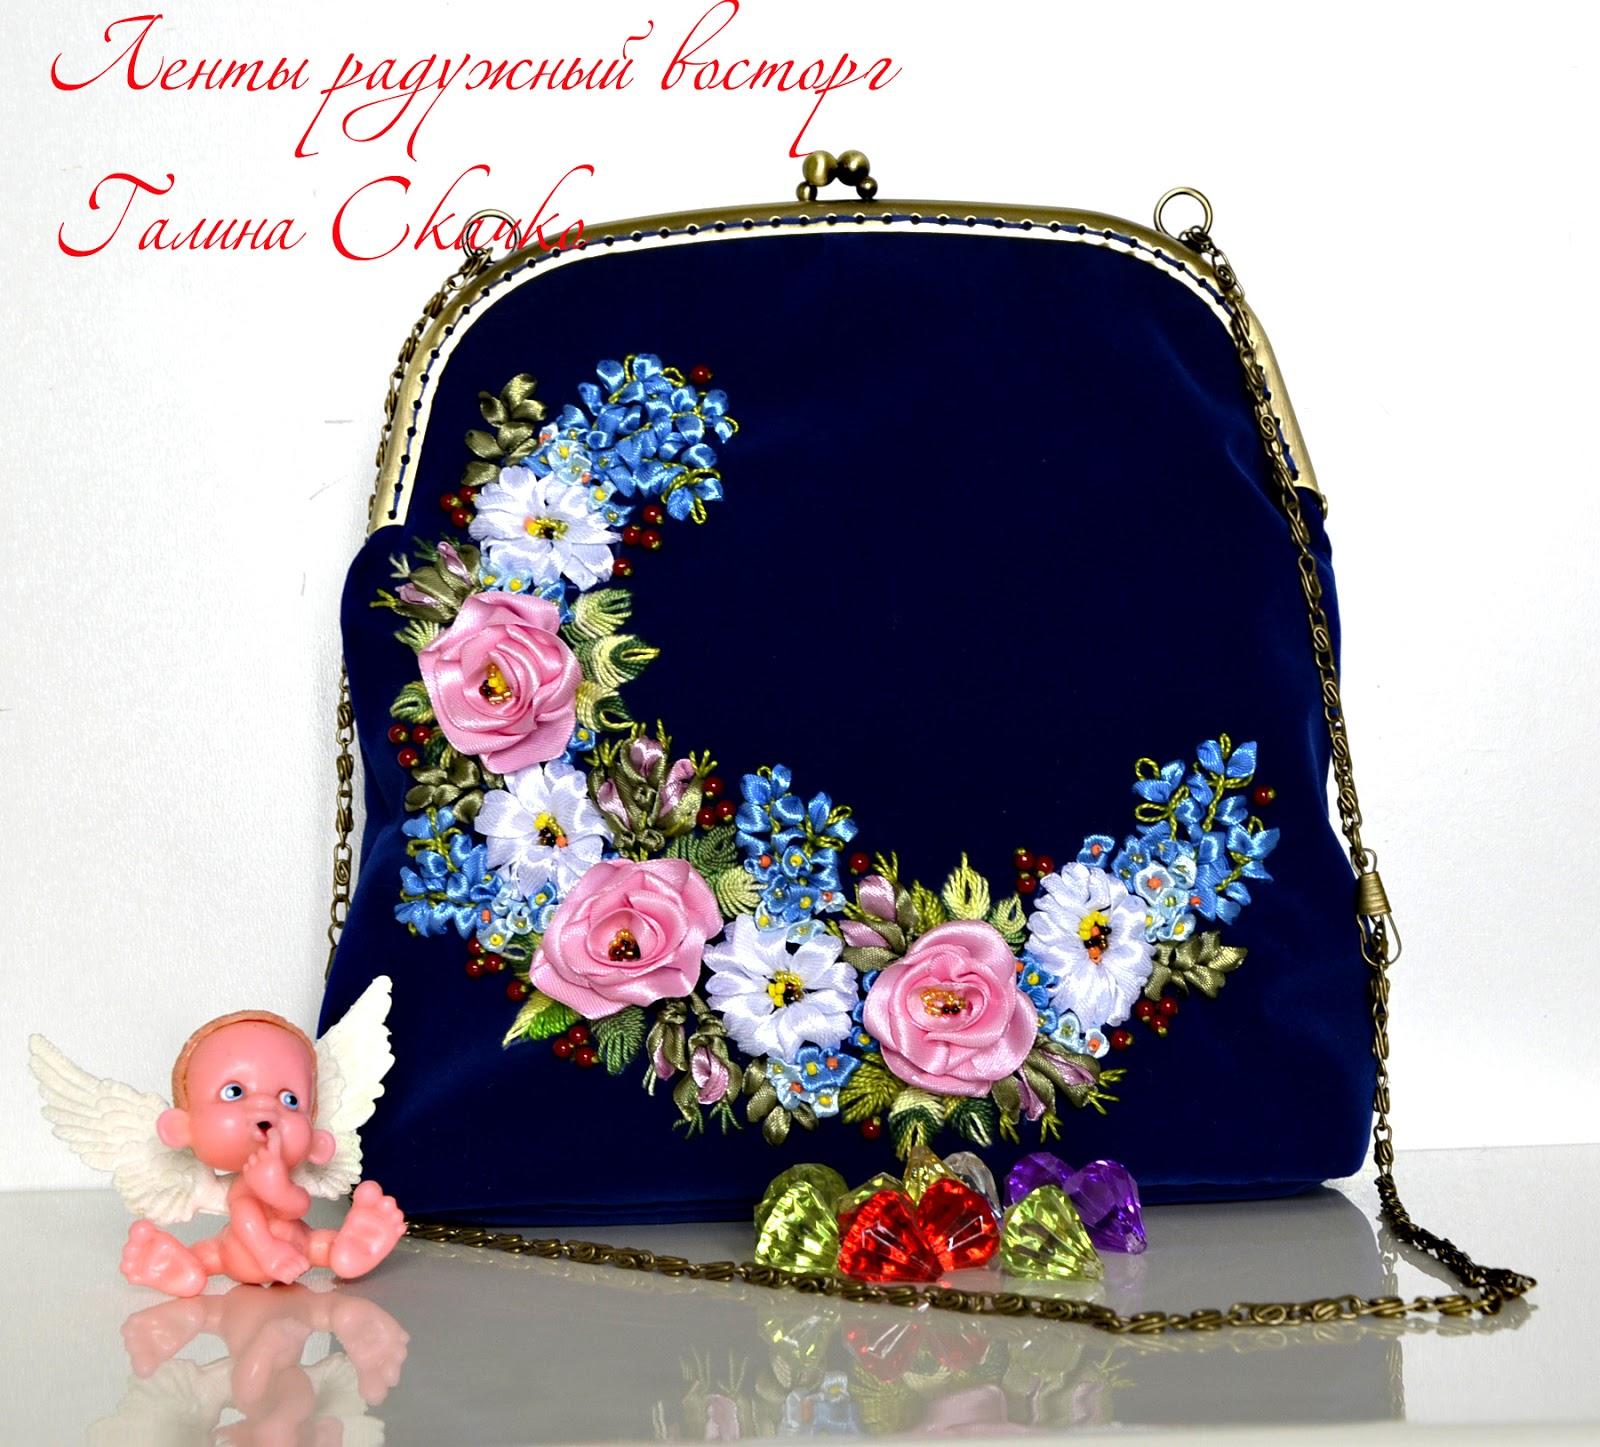 сумки вышитые лентами, театральная сумочка, сумочка ручной работы, авторская сумка